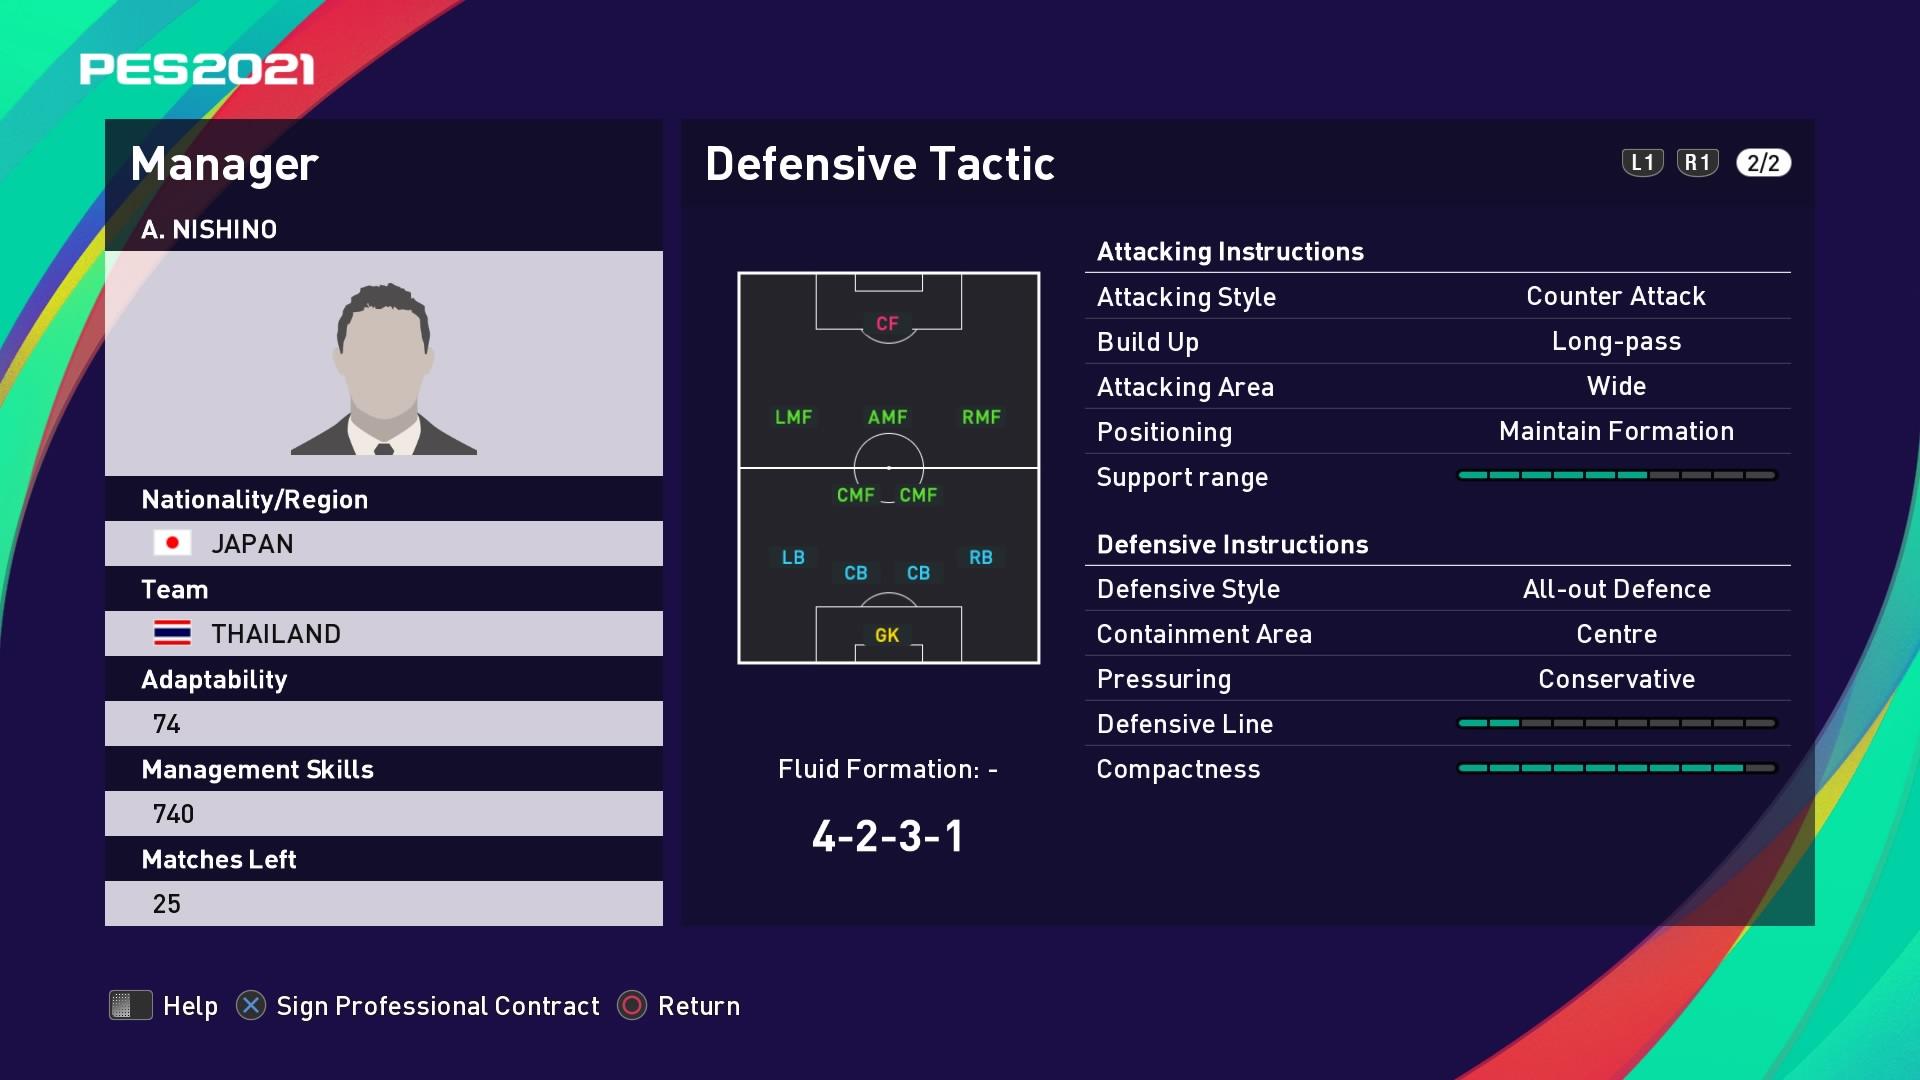 A. Nishino (Akira Nishino) Defensive Tactic in PES 2021 myClub